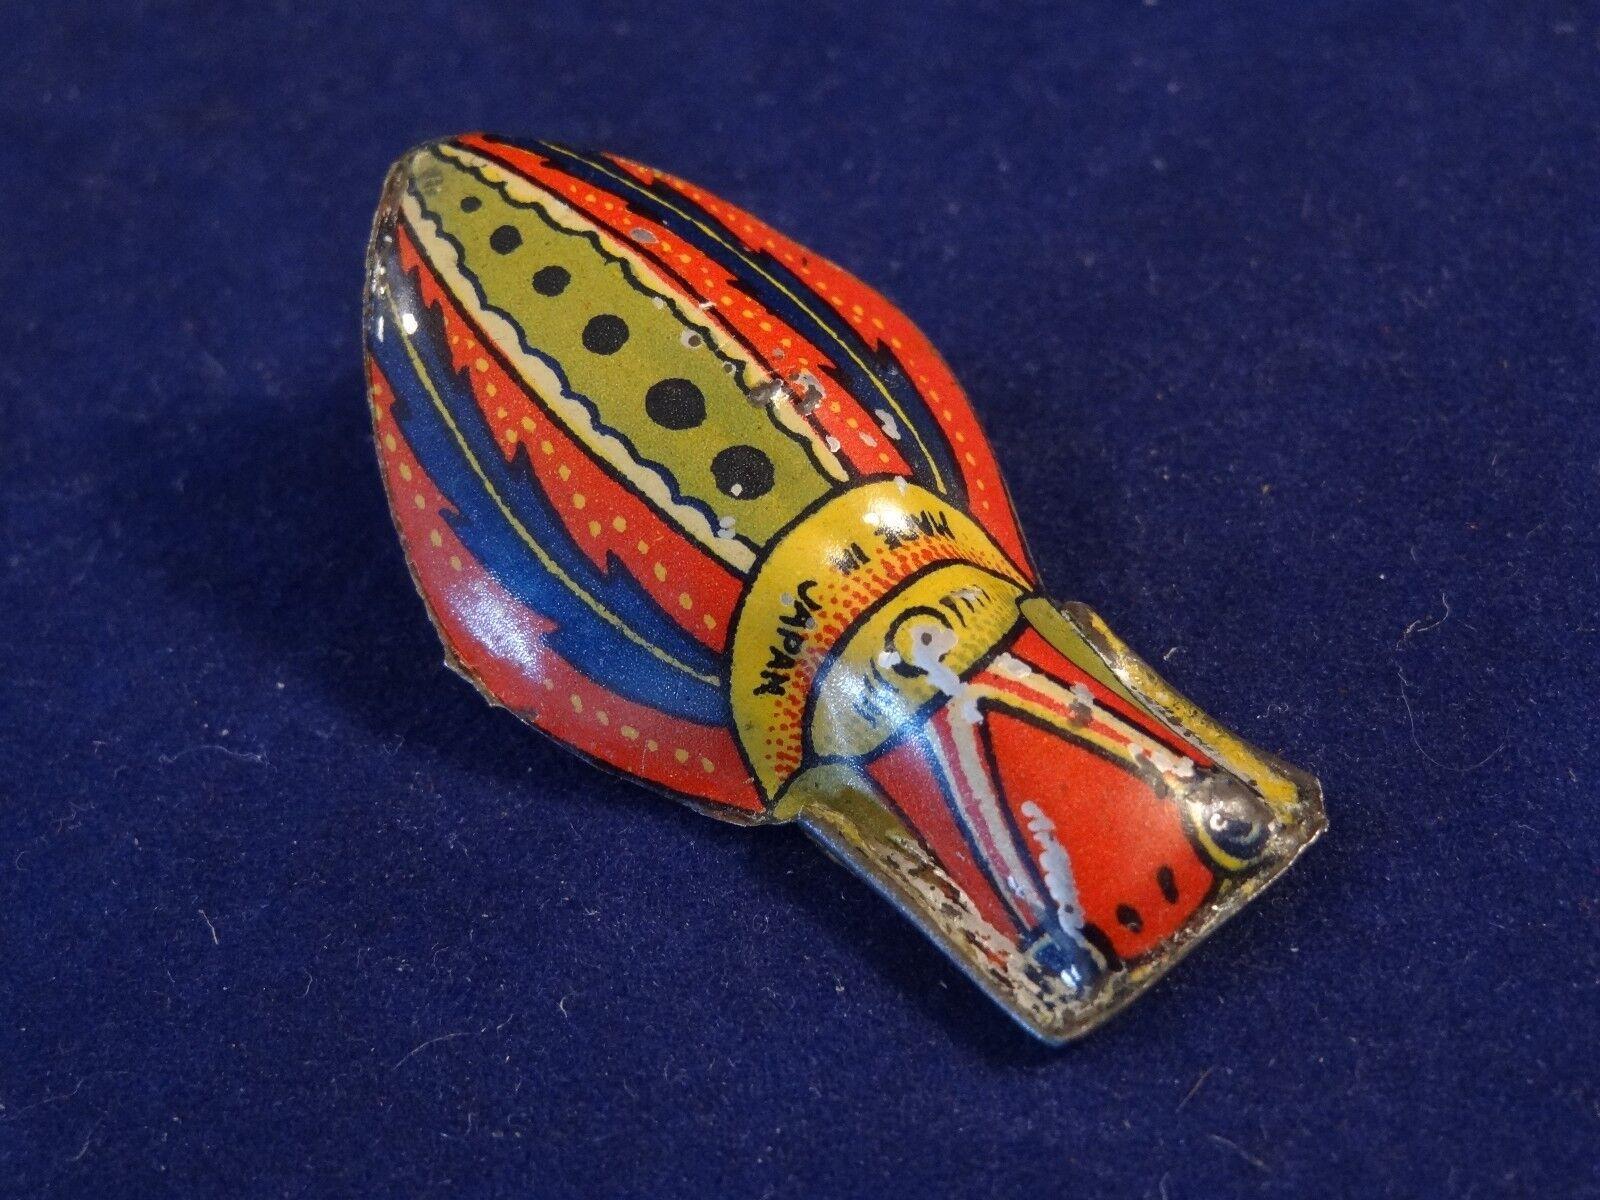 Ancien jouet tôle clic-clac insecte clicker cri-cri  japan  années 20 penny toy